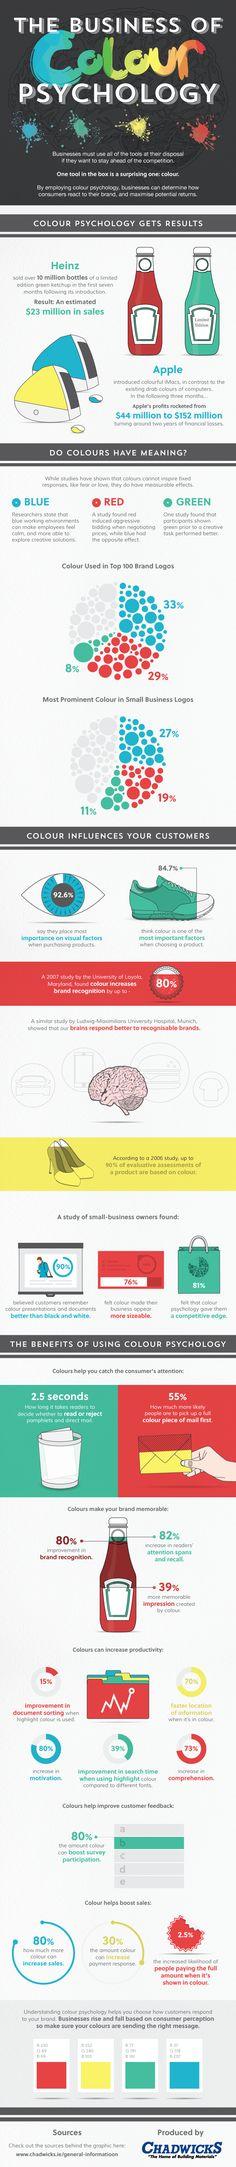 ¿Cómo entender el negocio de la #psicologíadelcolor?